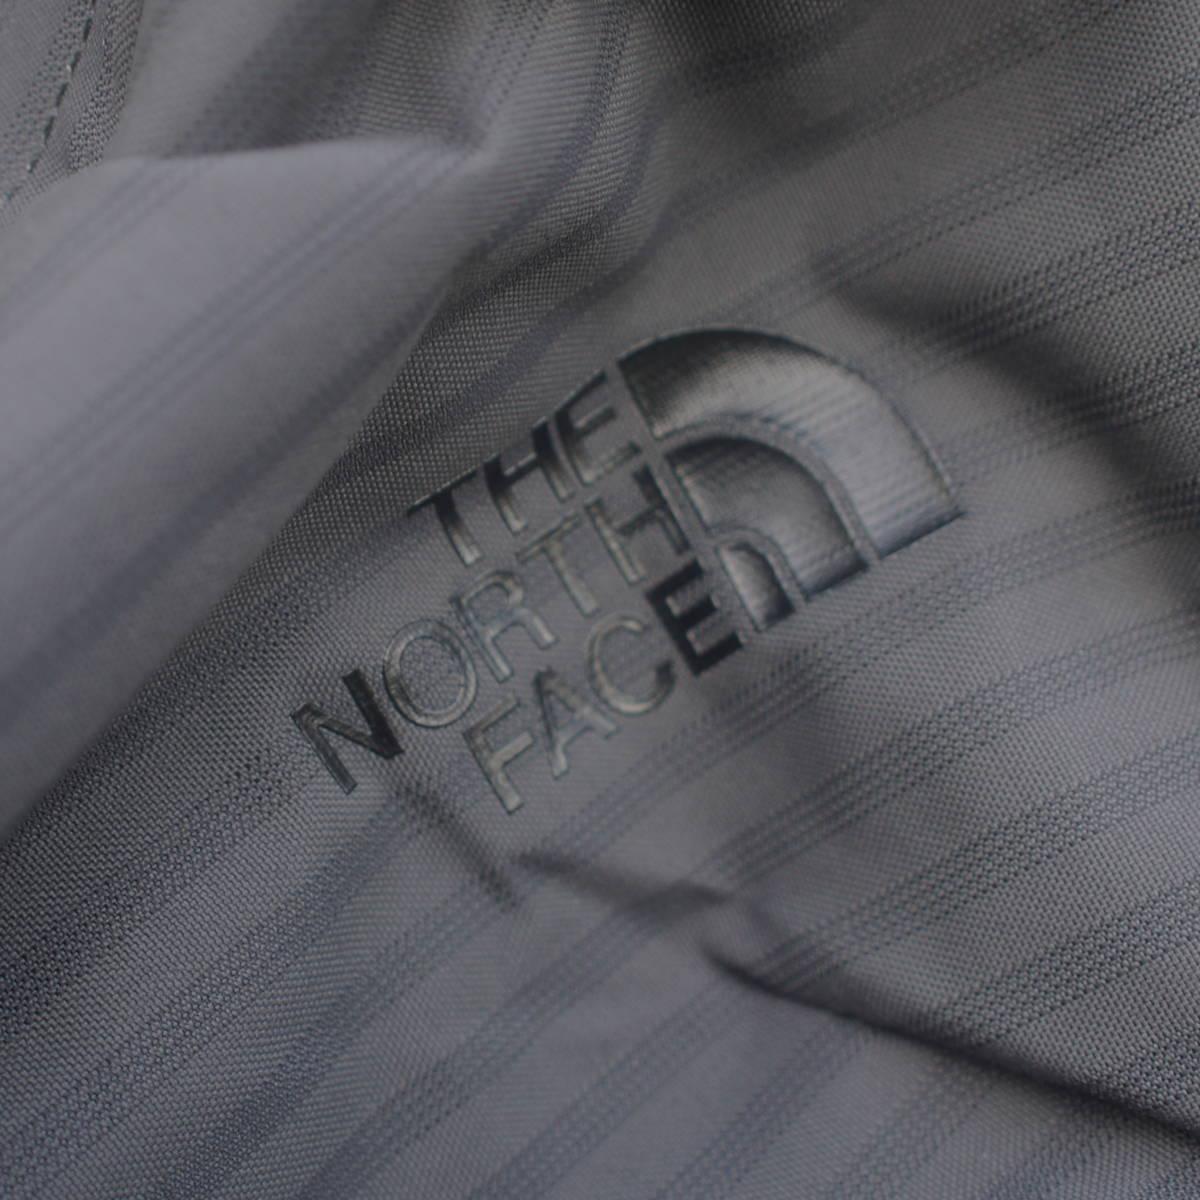 日本未発売 ザ・ノース・フェイス [THE NORTH FACE] SUMMITシリーズ Alpine 50 グレーS/M_画像9